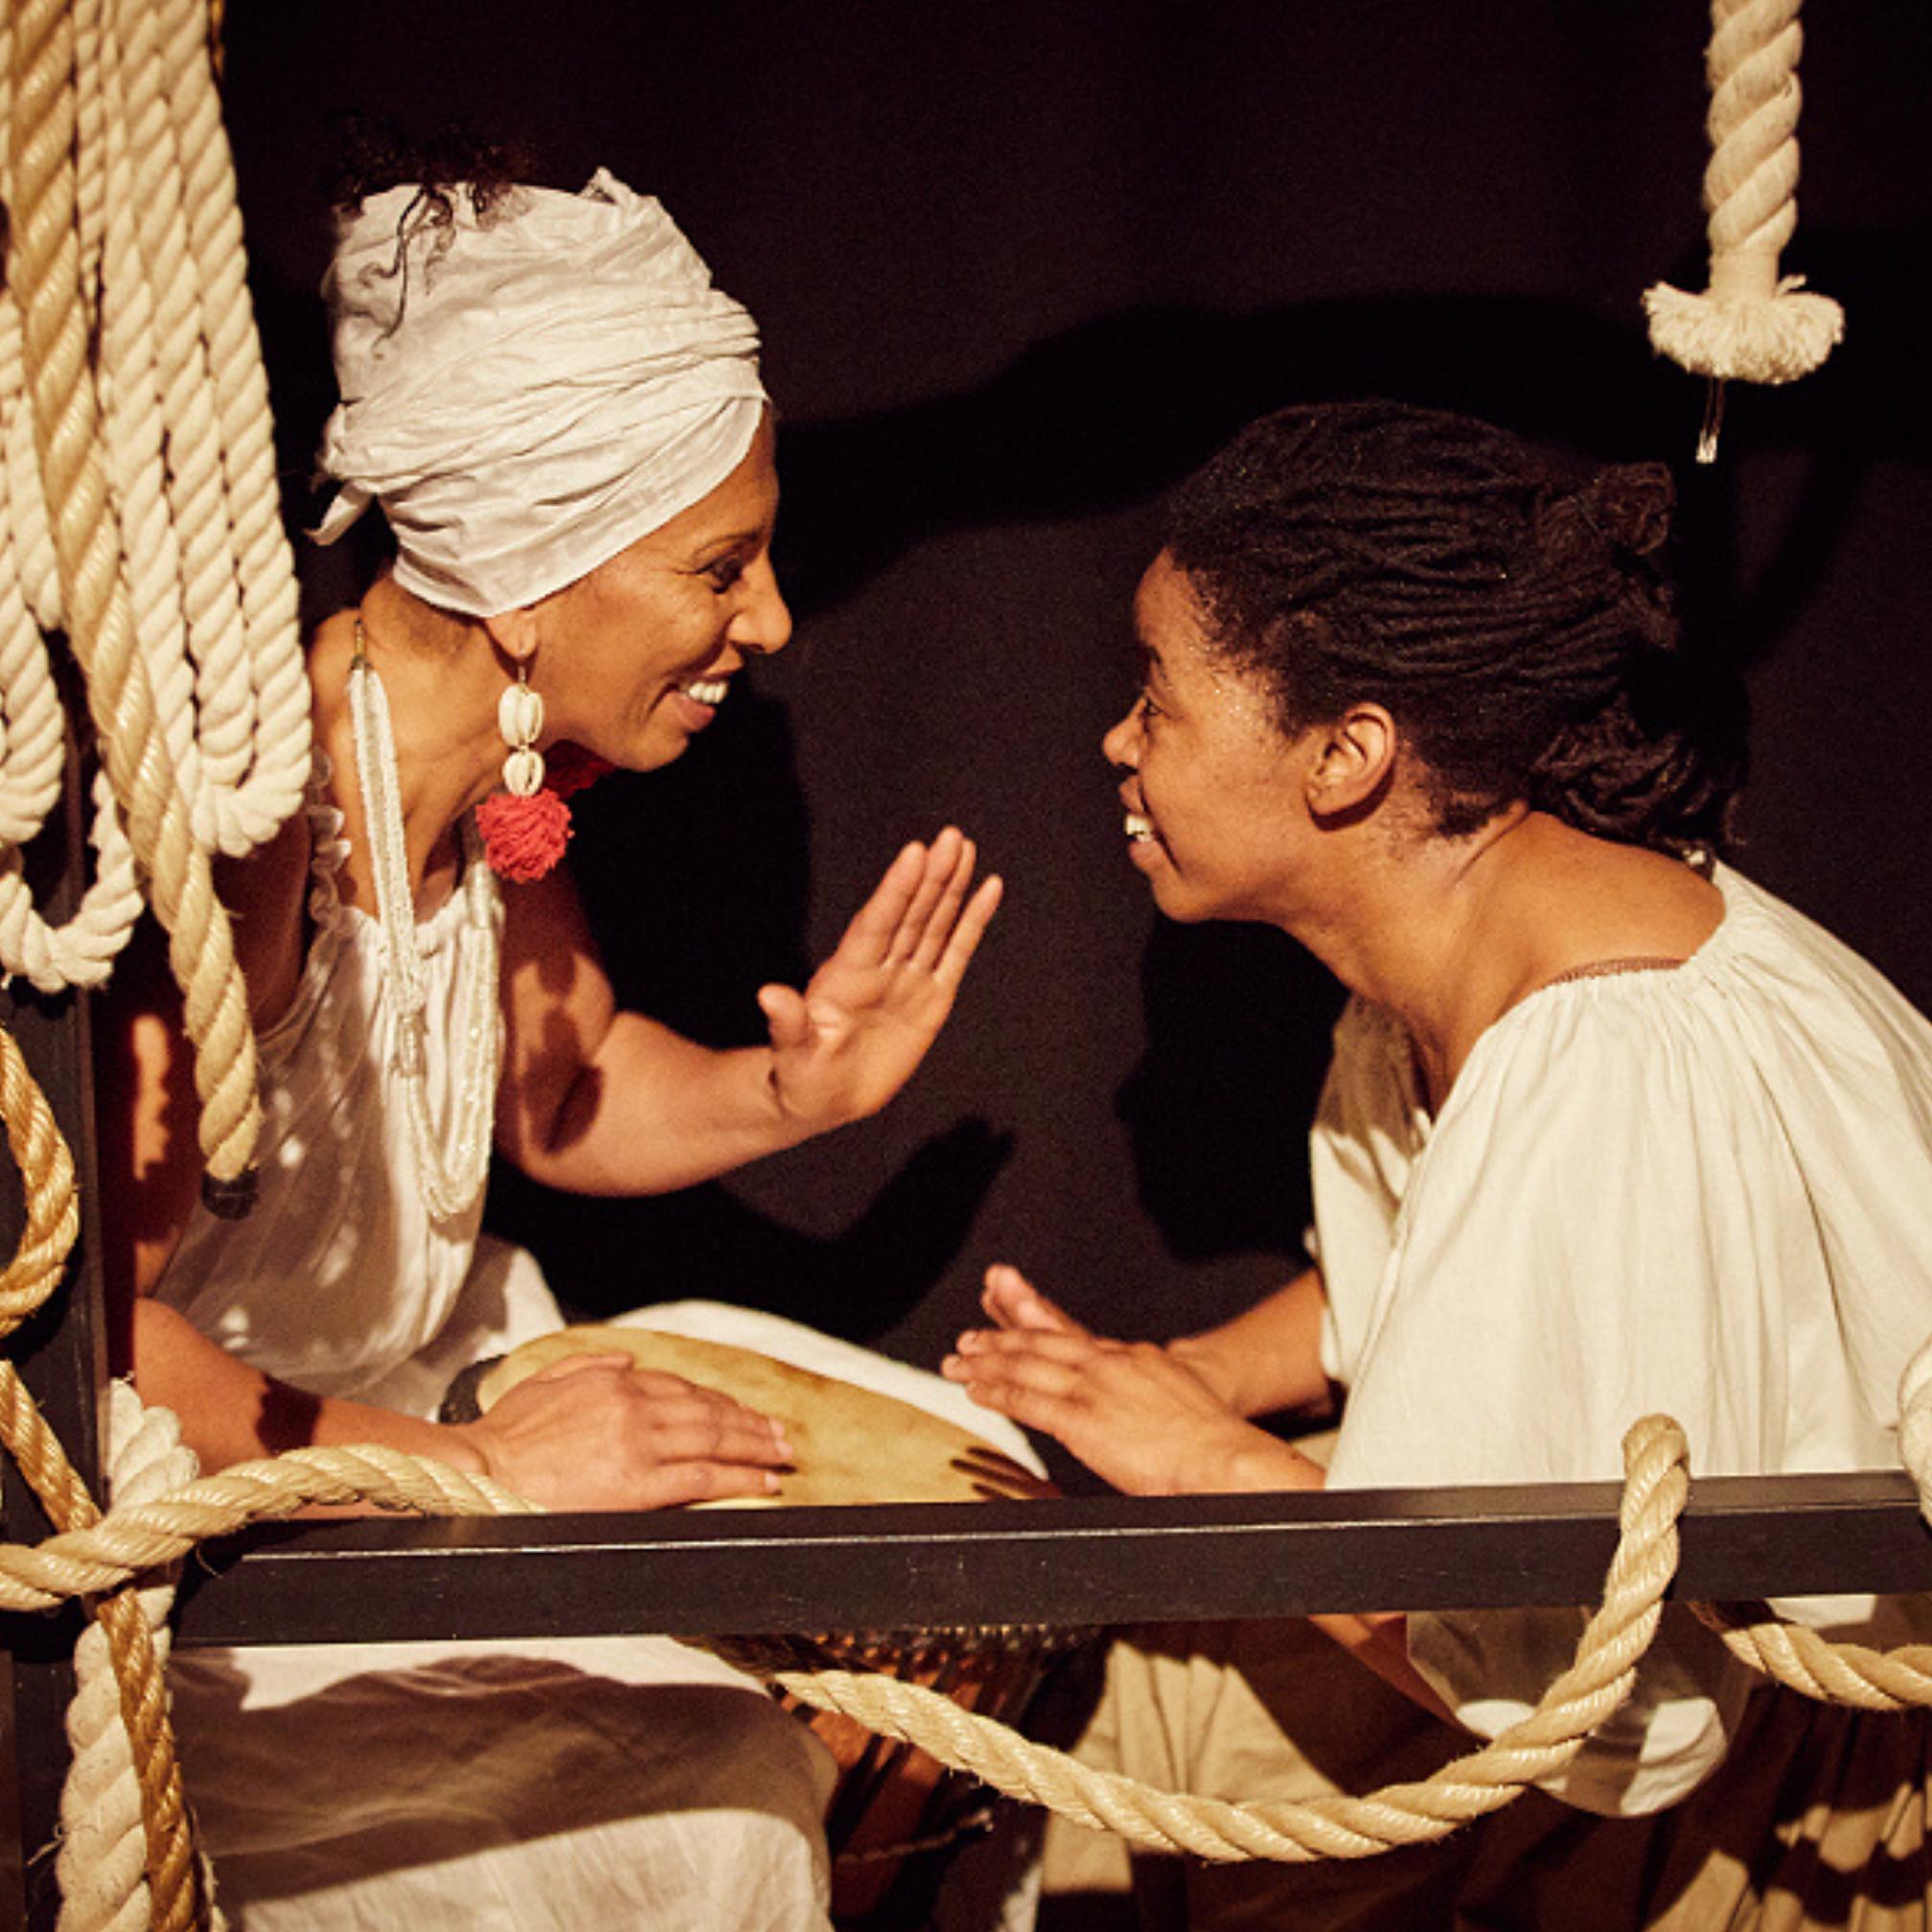 Two black ladies laughing